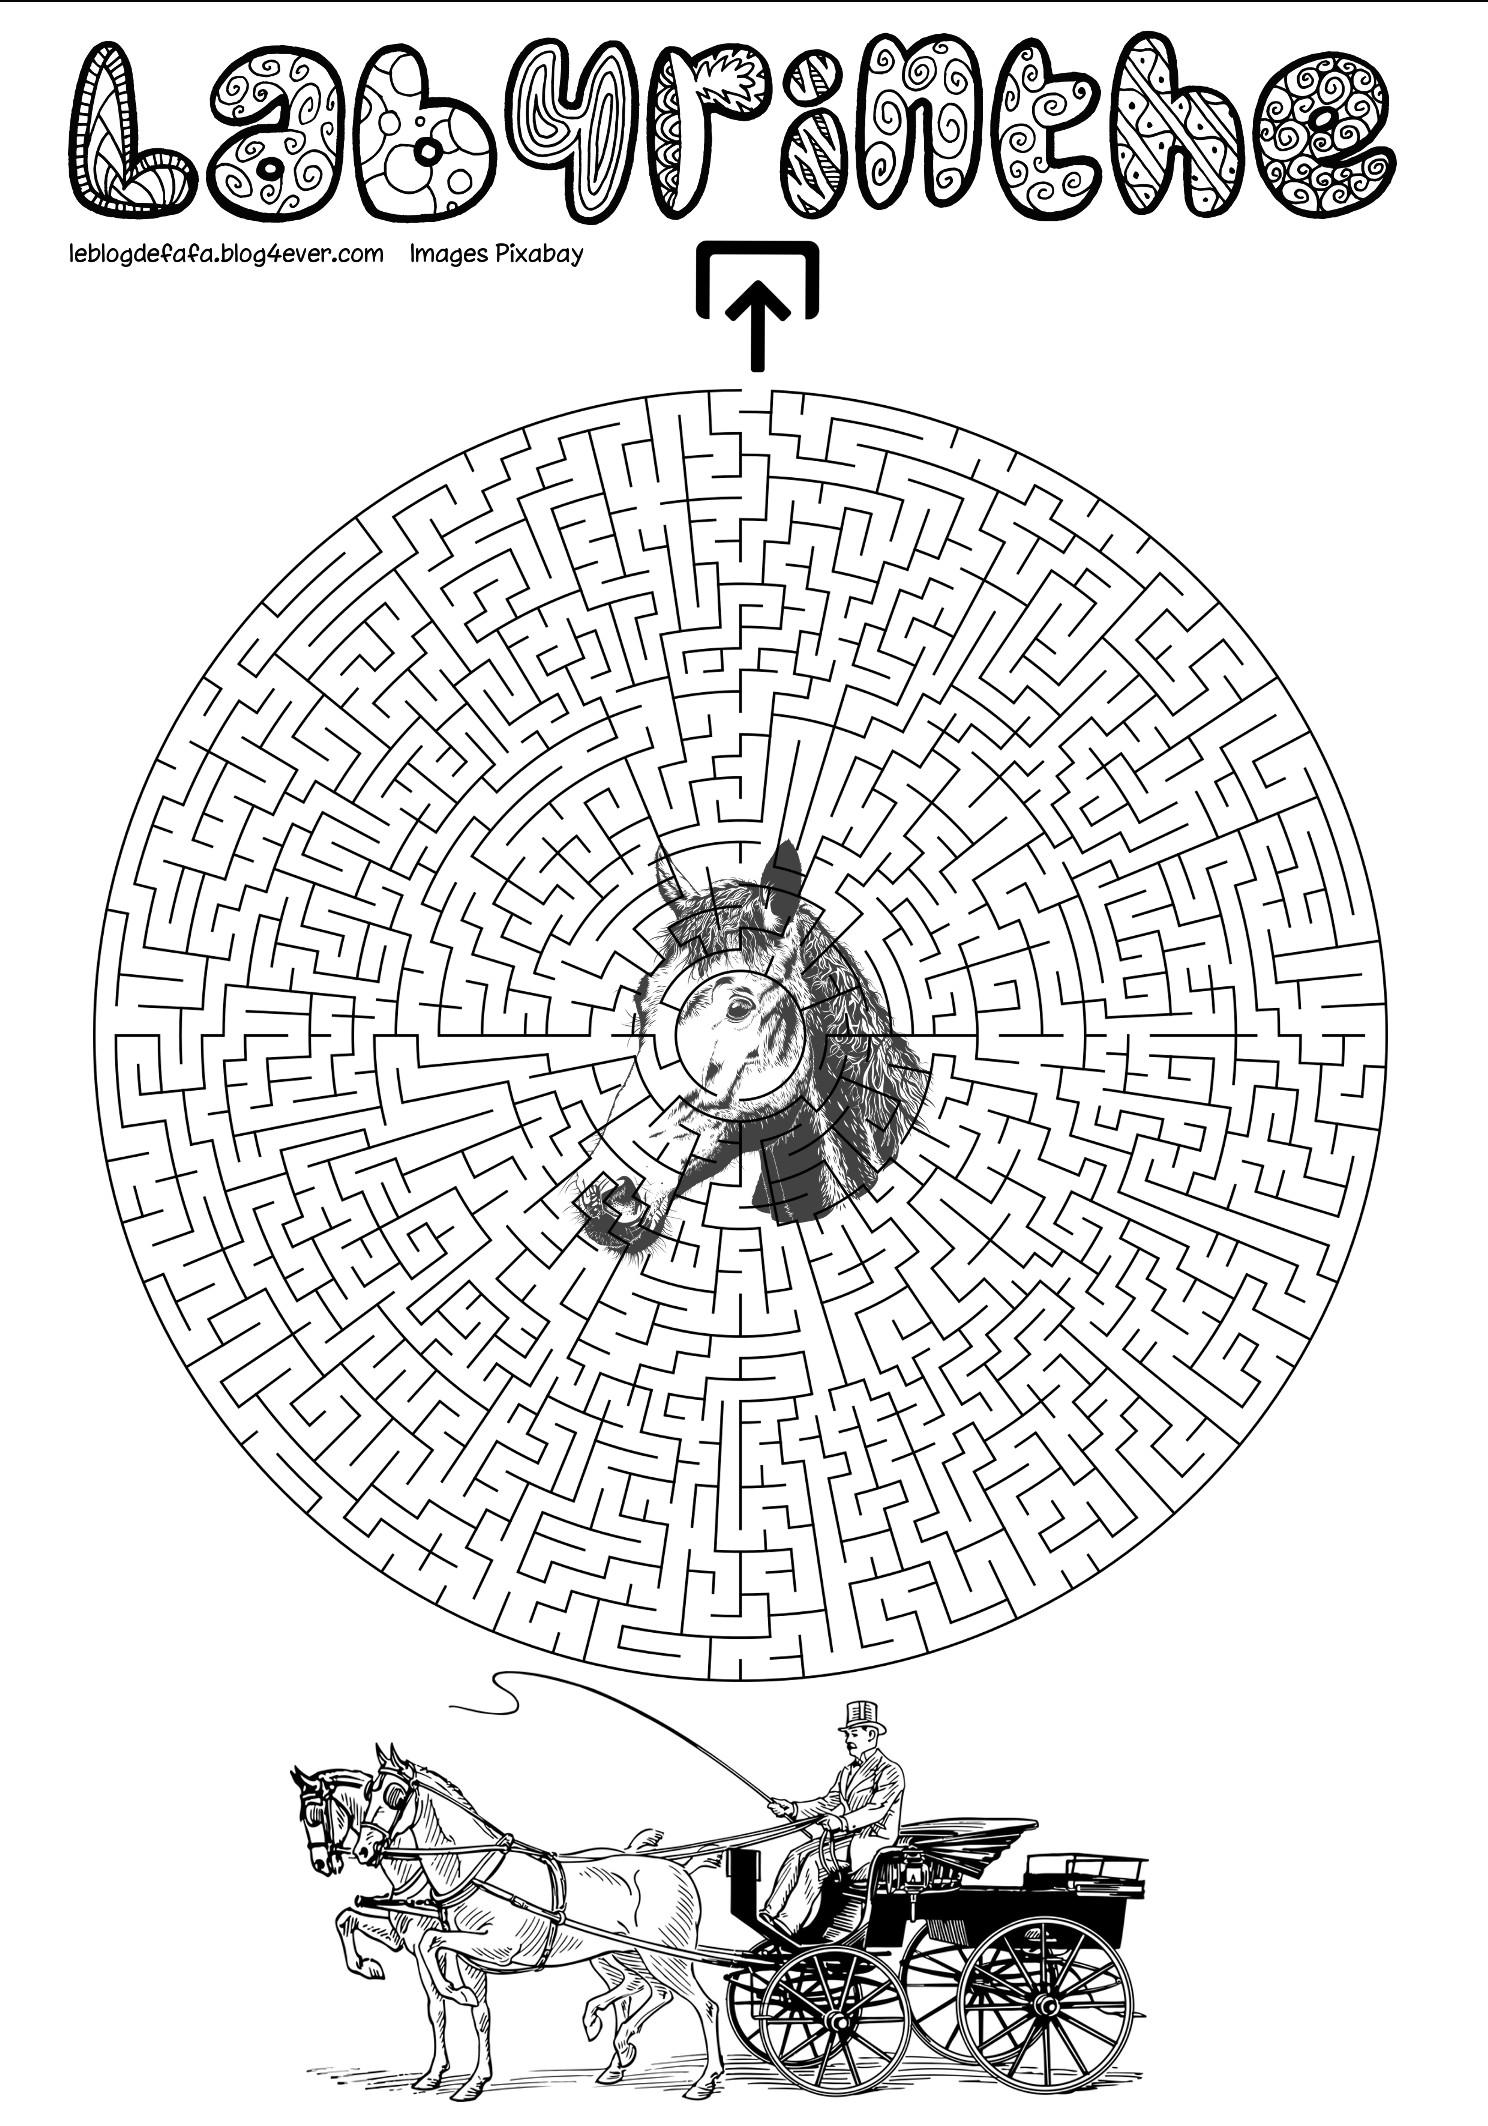 labyrinthe2aimprimer.jpg